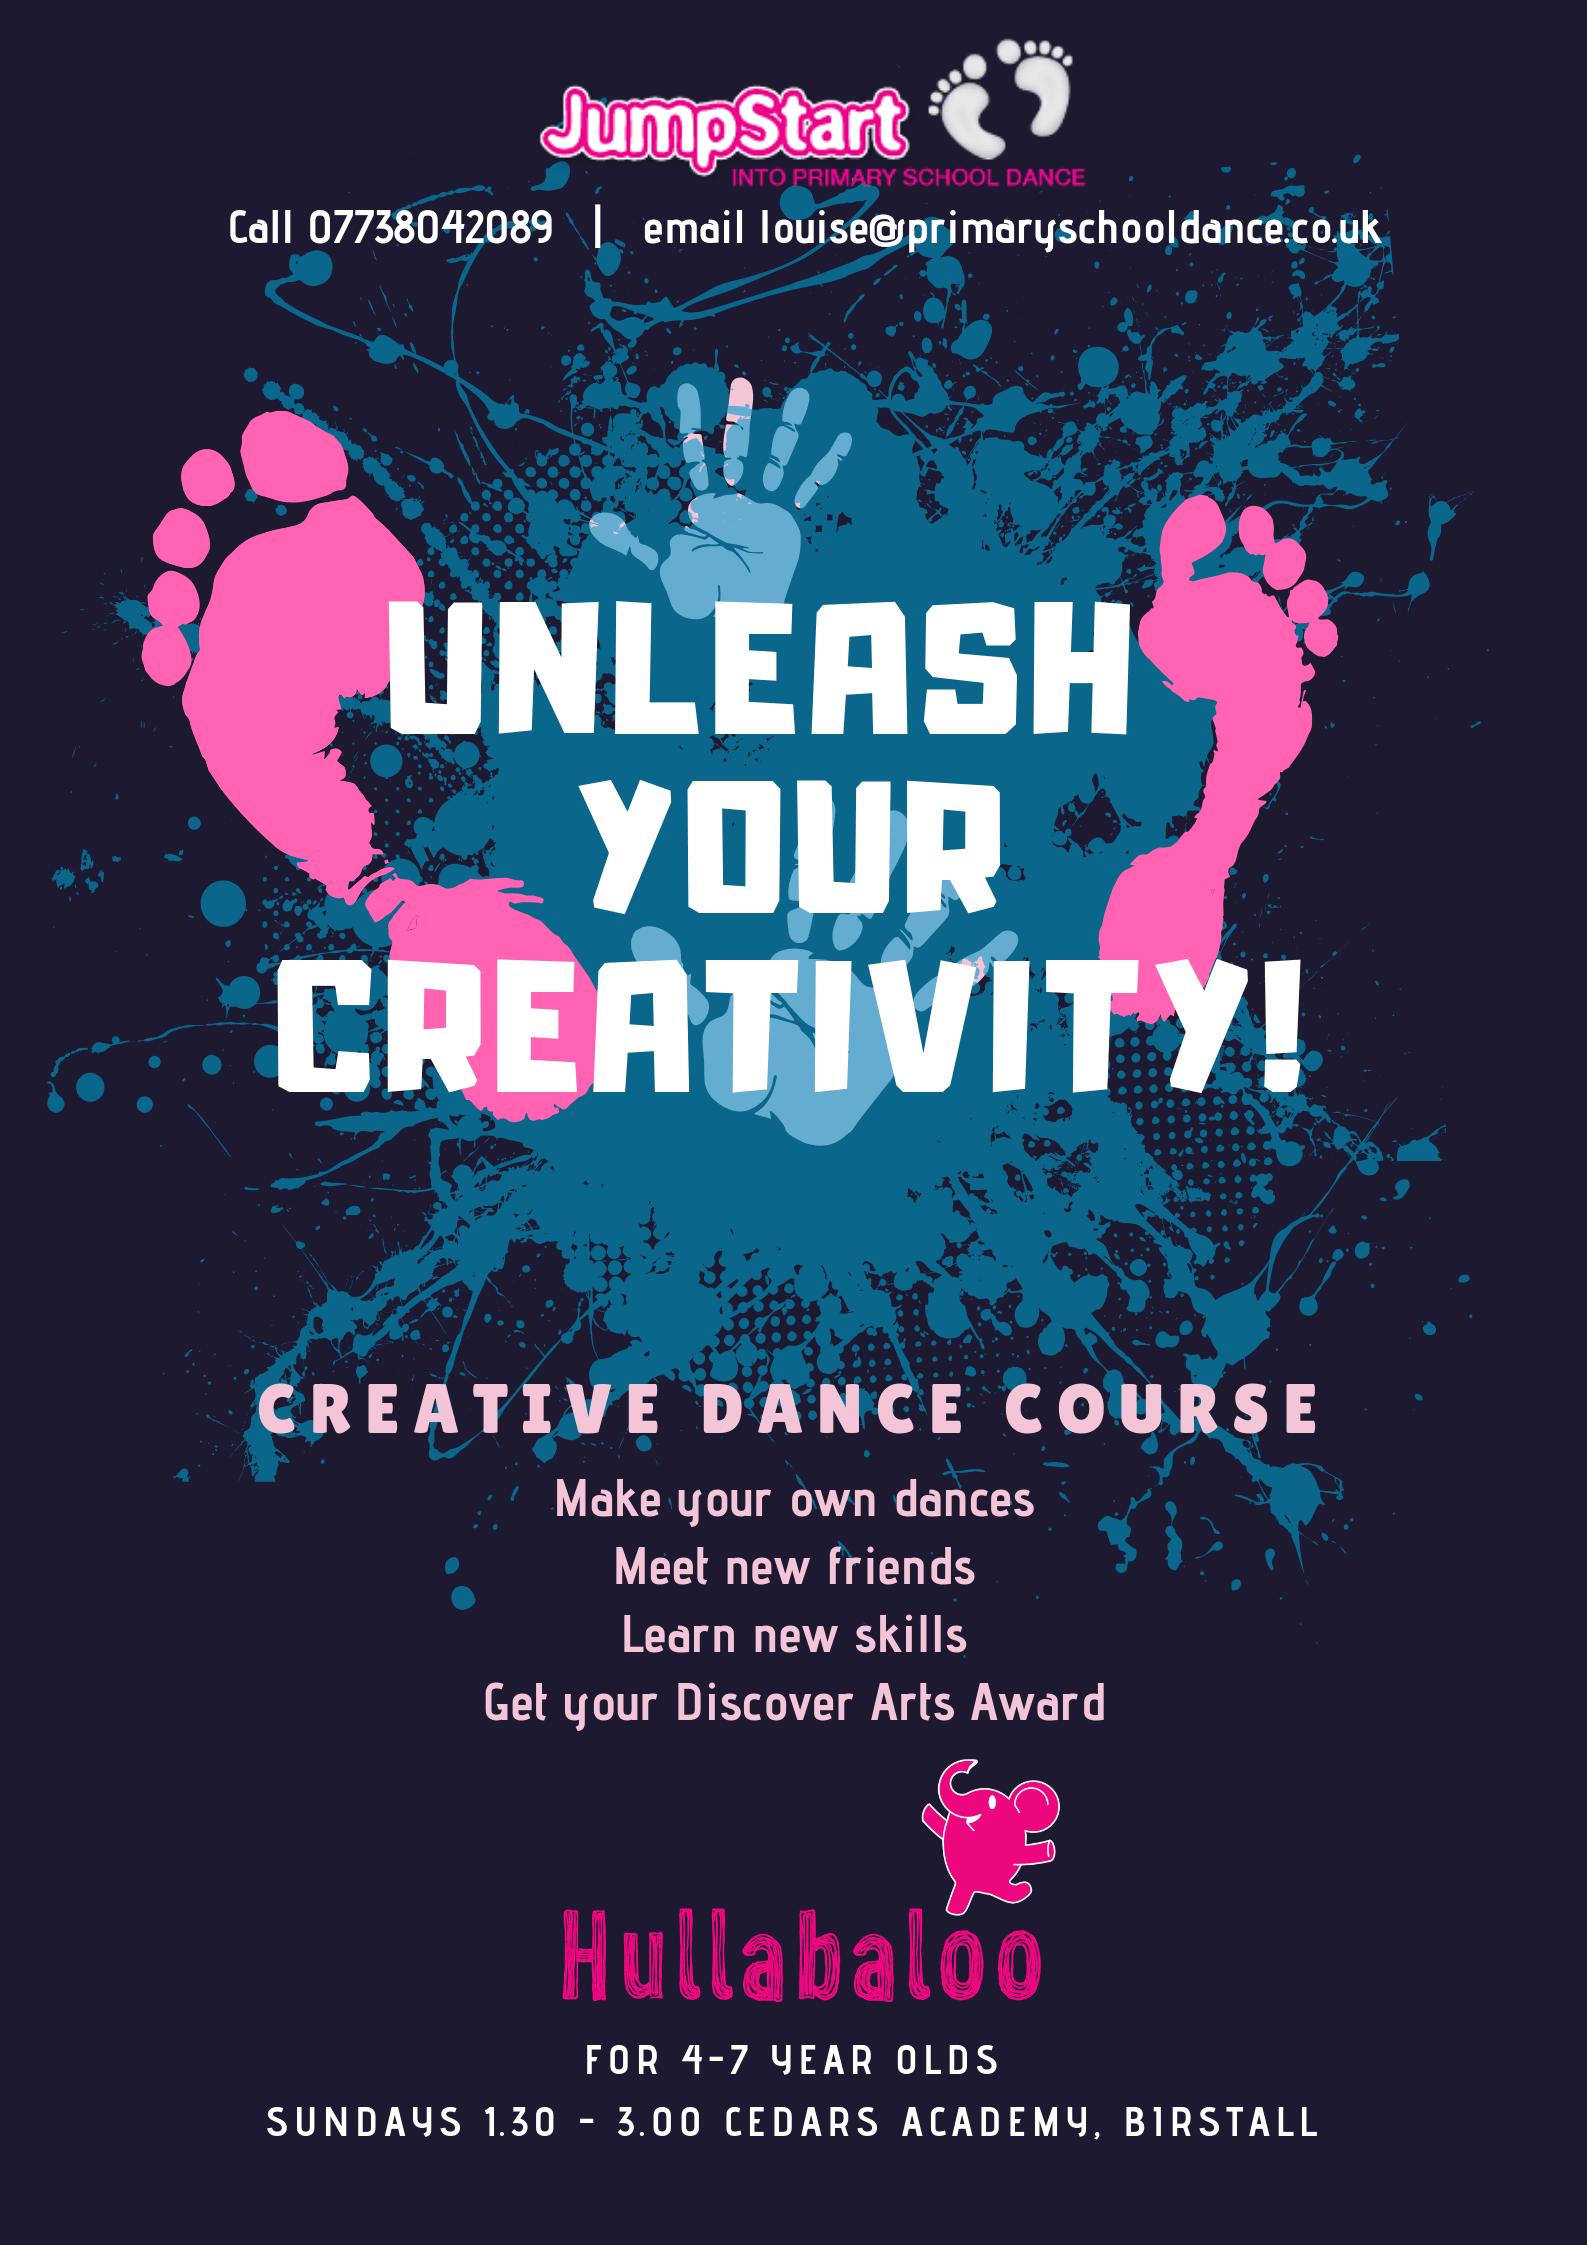 Hullabaloo Dance Course